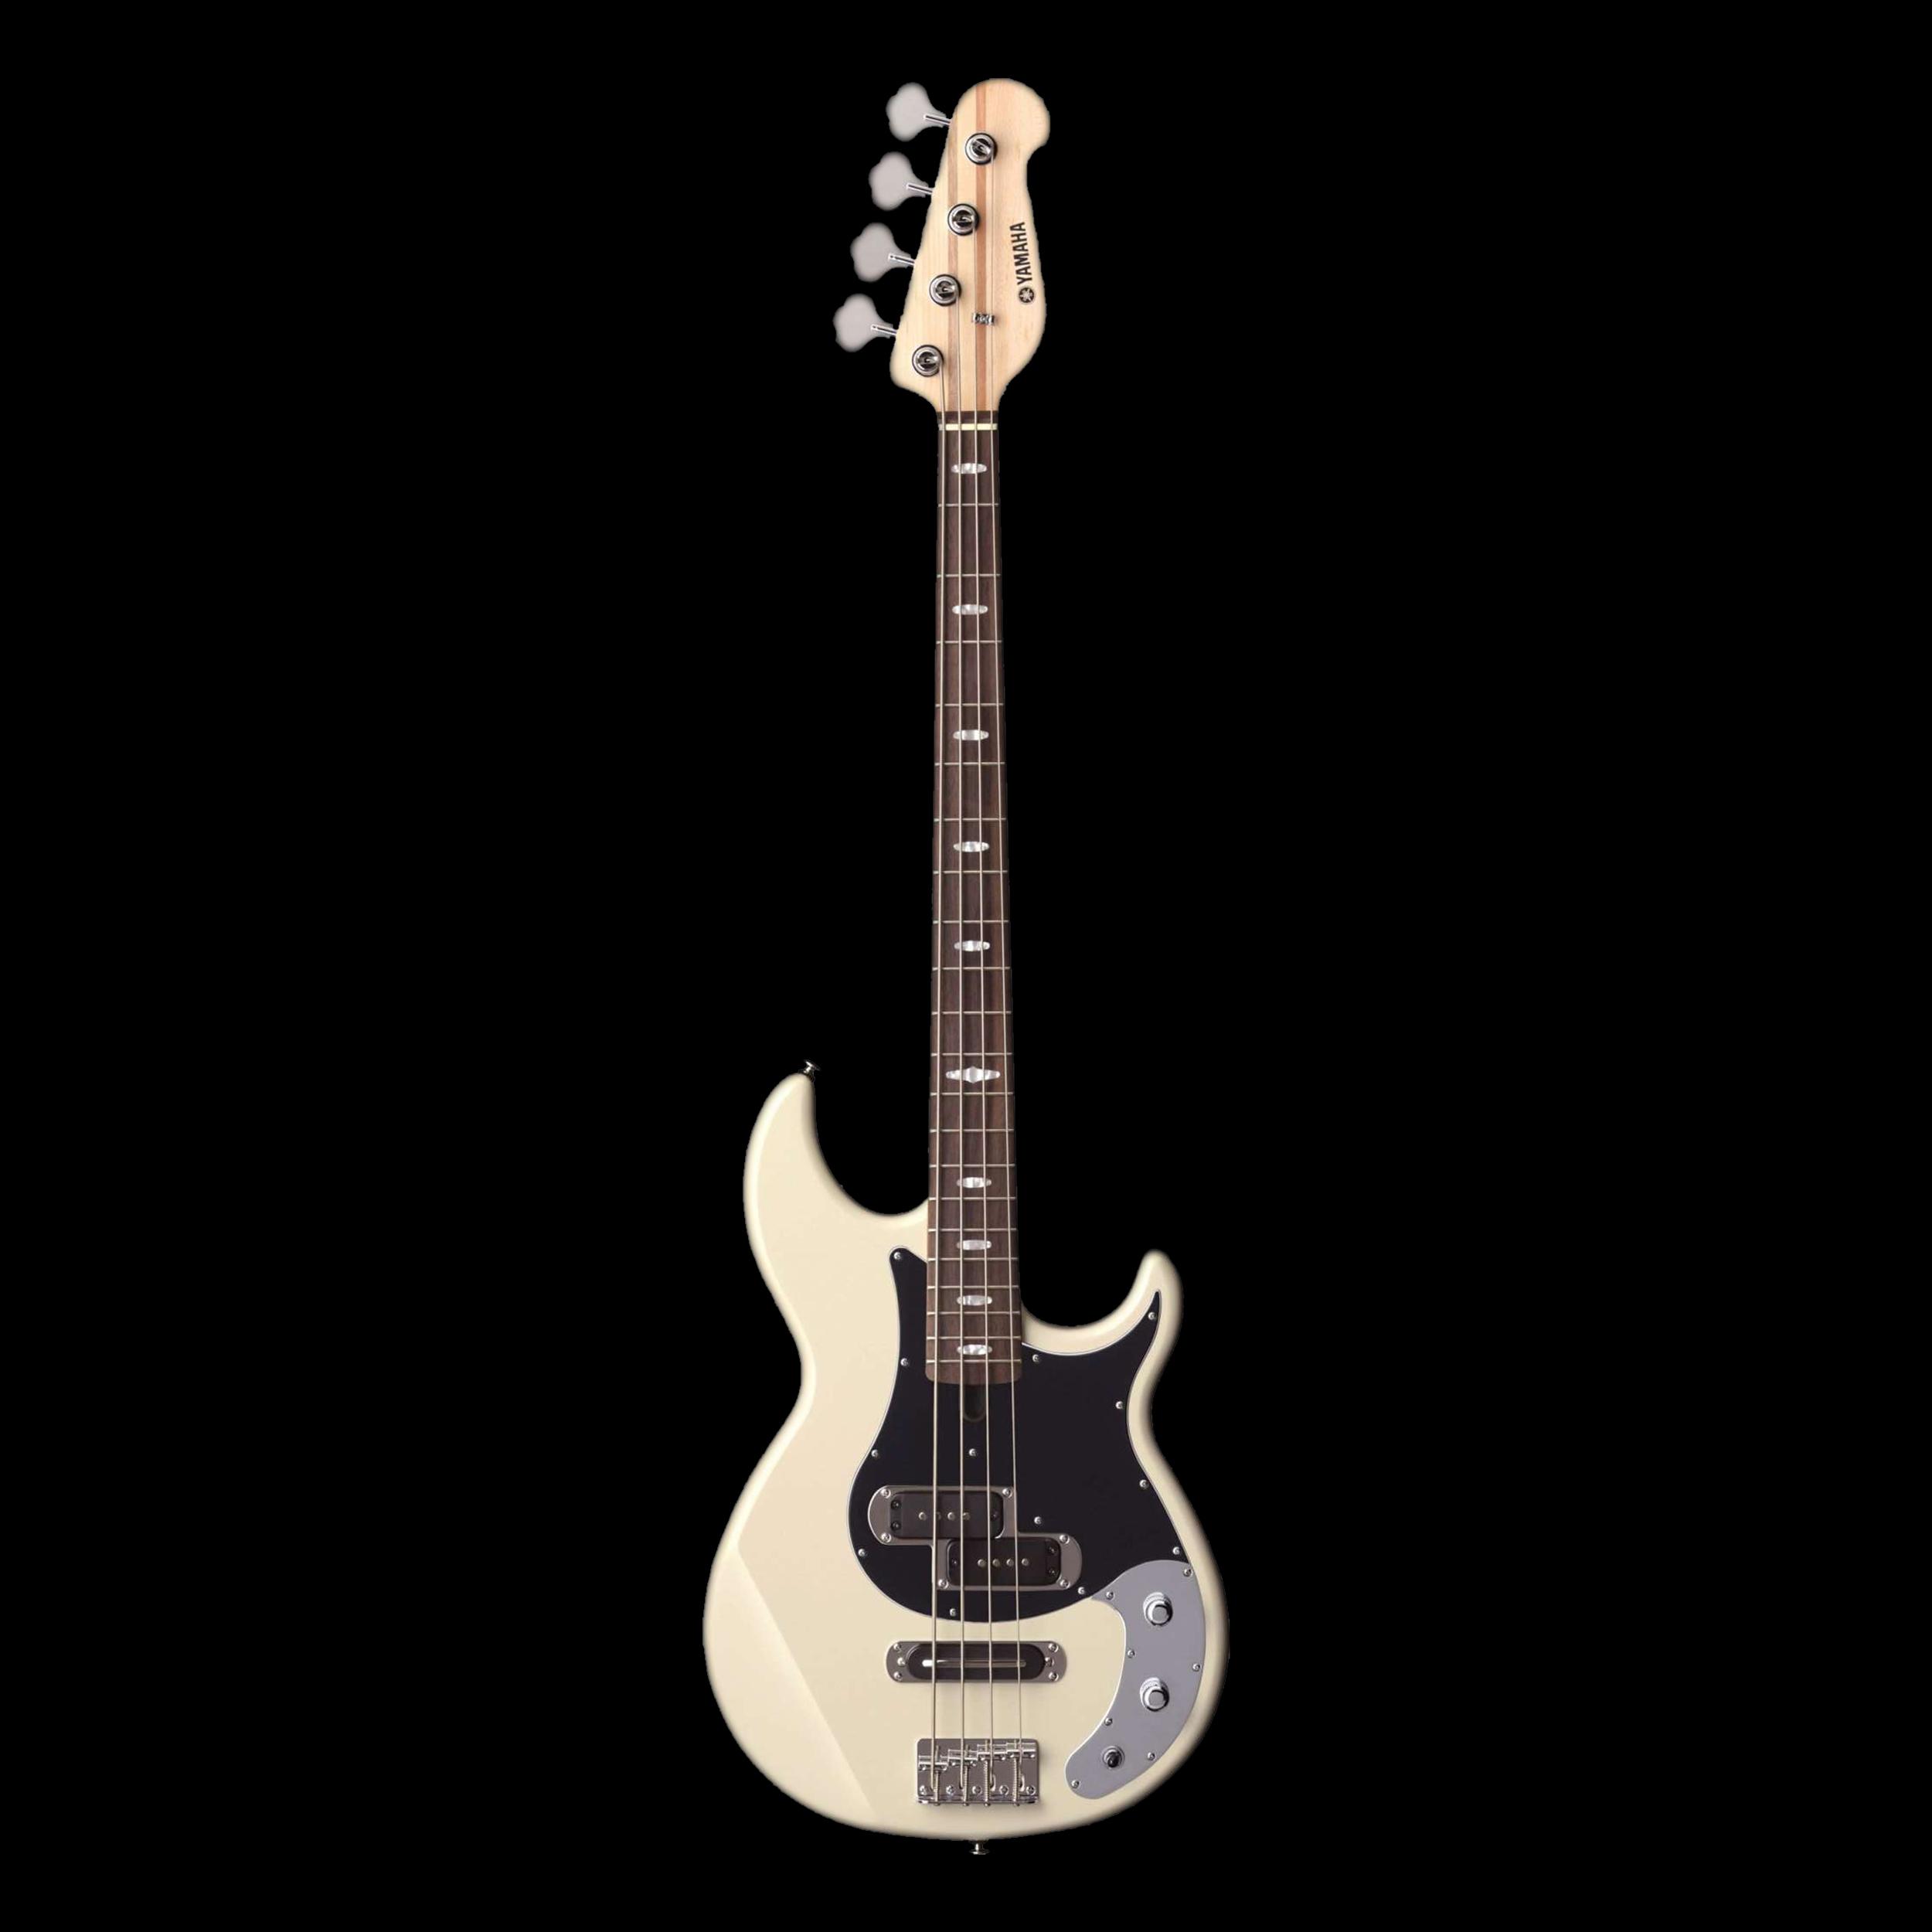 Yamaha vintage bass